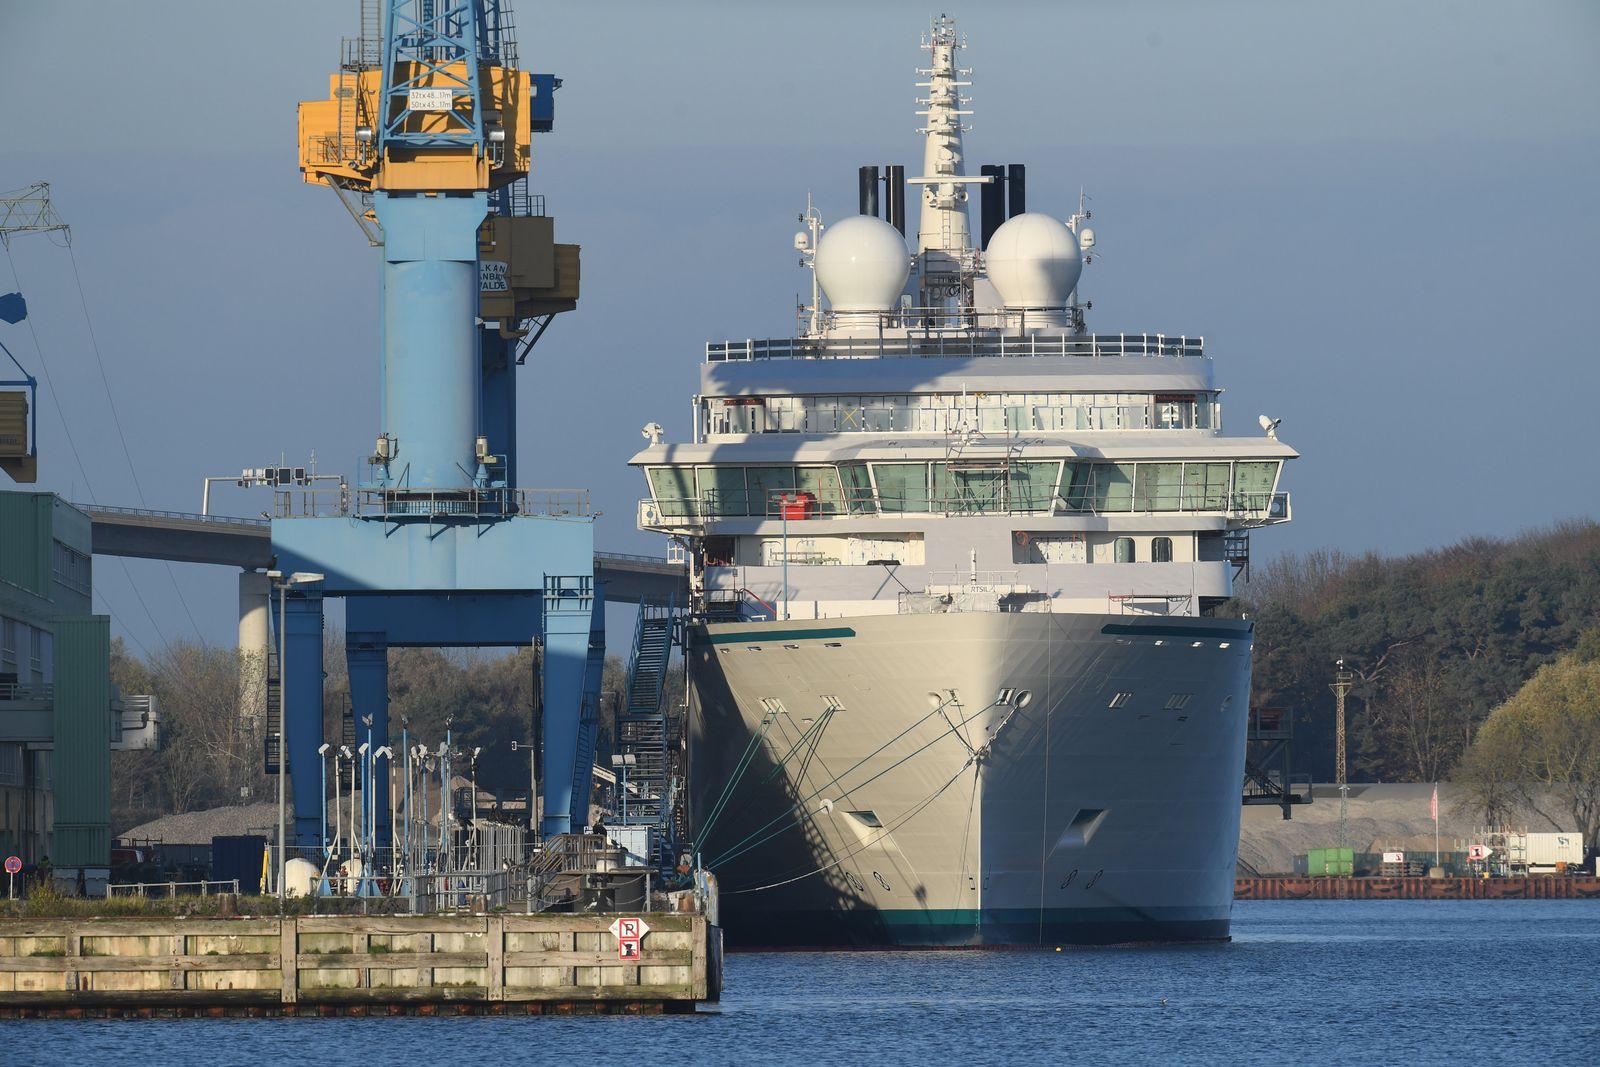 Stellenabbau bei MV-Werften befürchtet